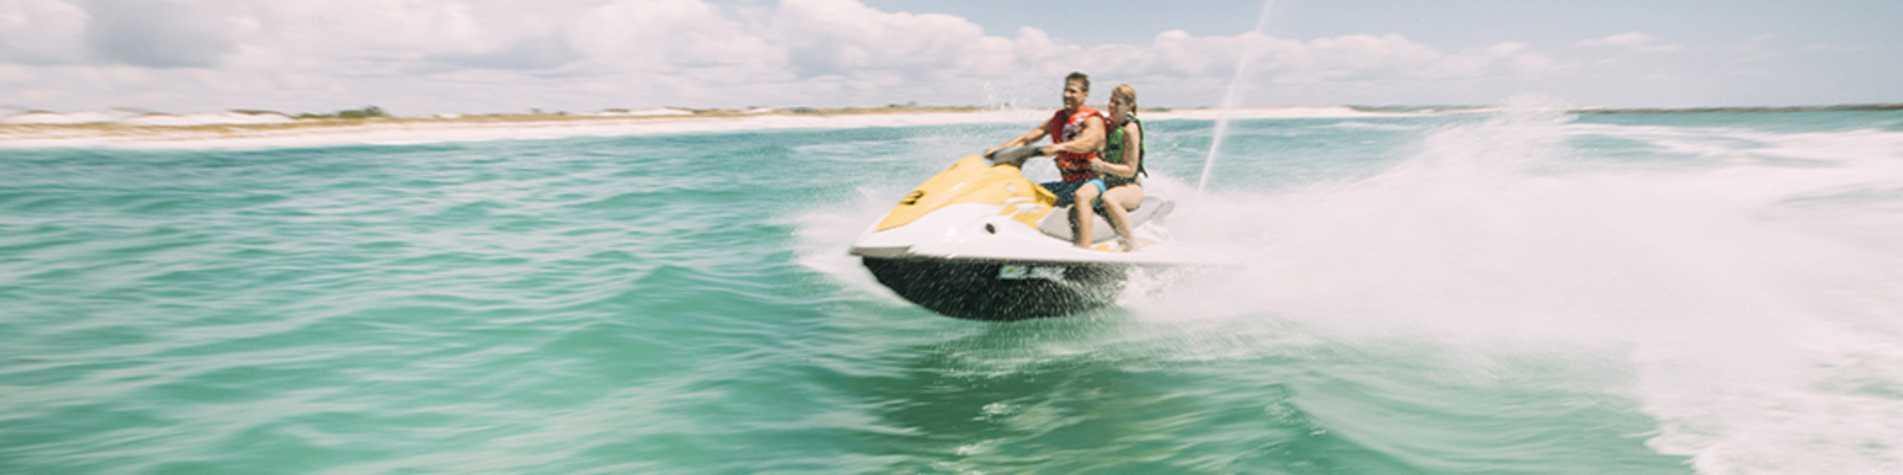 9 Jet Ski Boat Al Options In